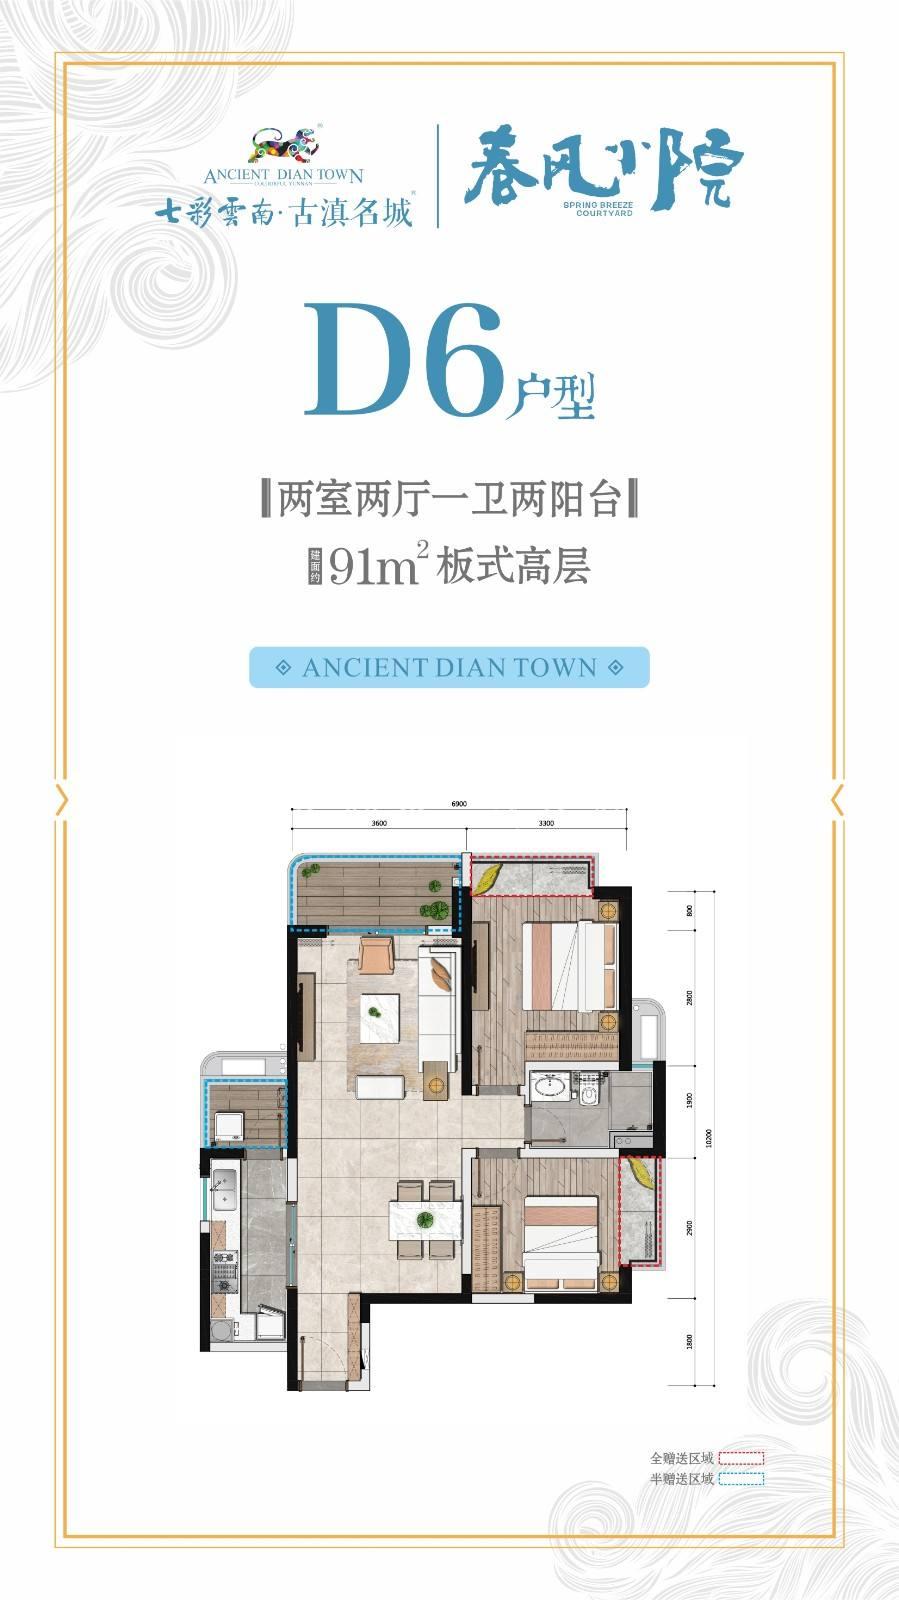 七彩云南古滇名城春风D6户型两室两厅一卫两阳建筑面积:91㎡